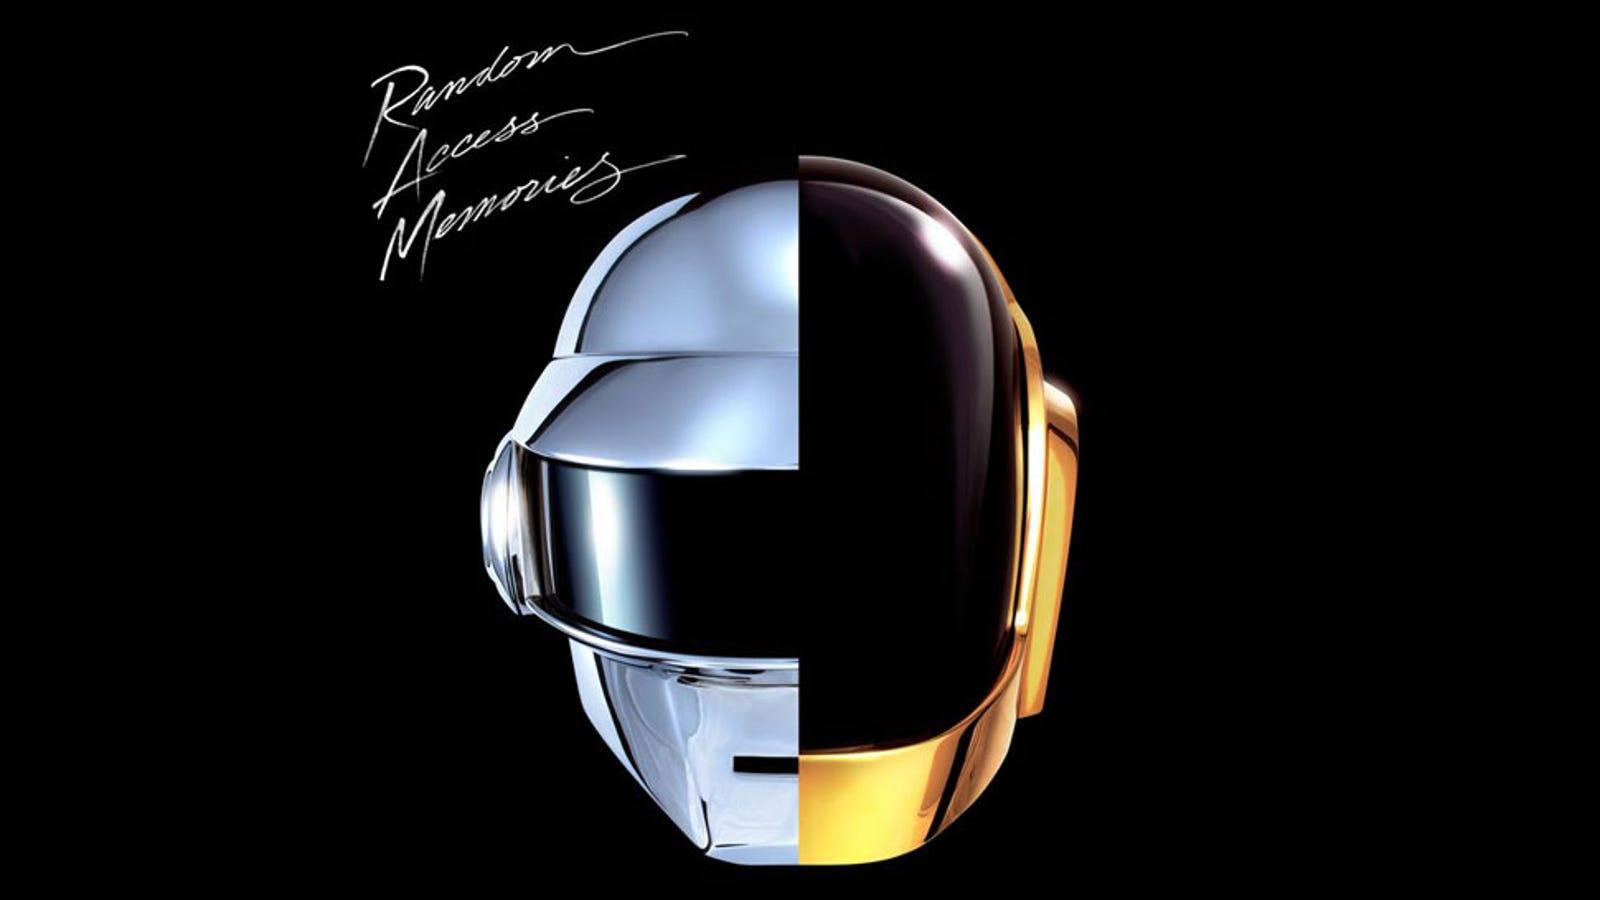 Daft Punk y samples ¿robados? Así se compone música hoy en día